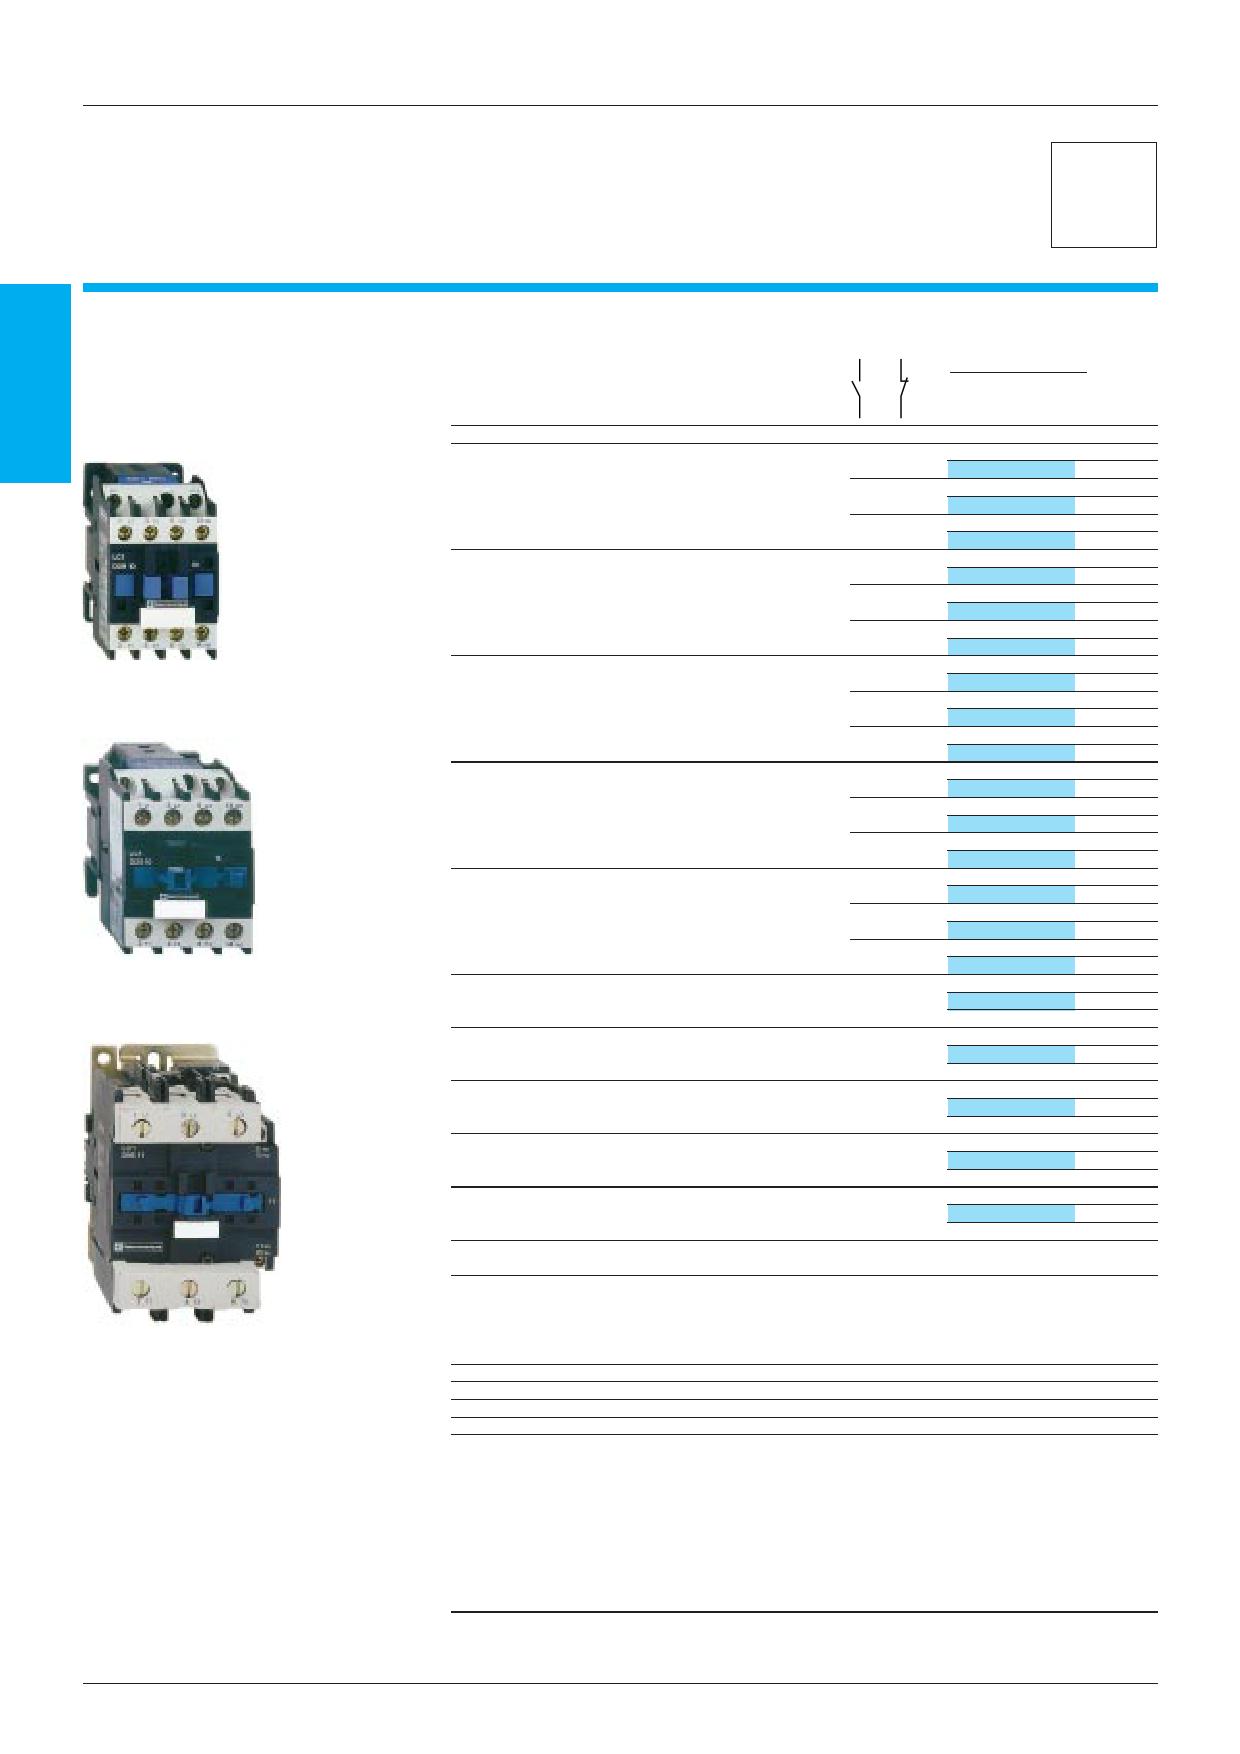 LC1-D0900xx datasheet